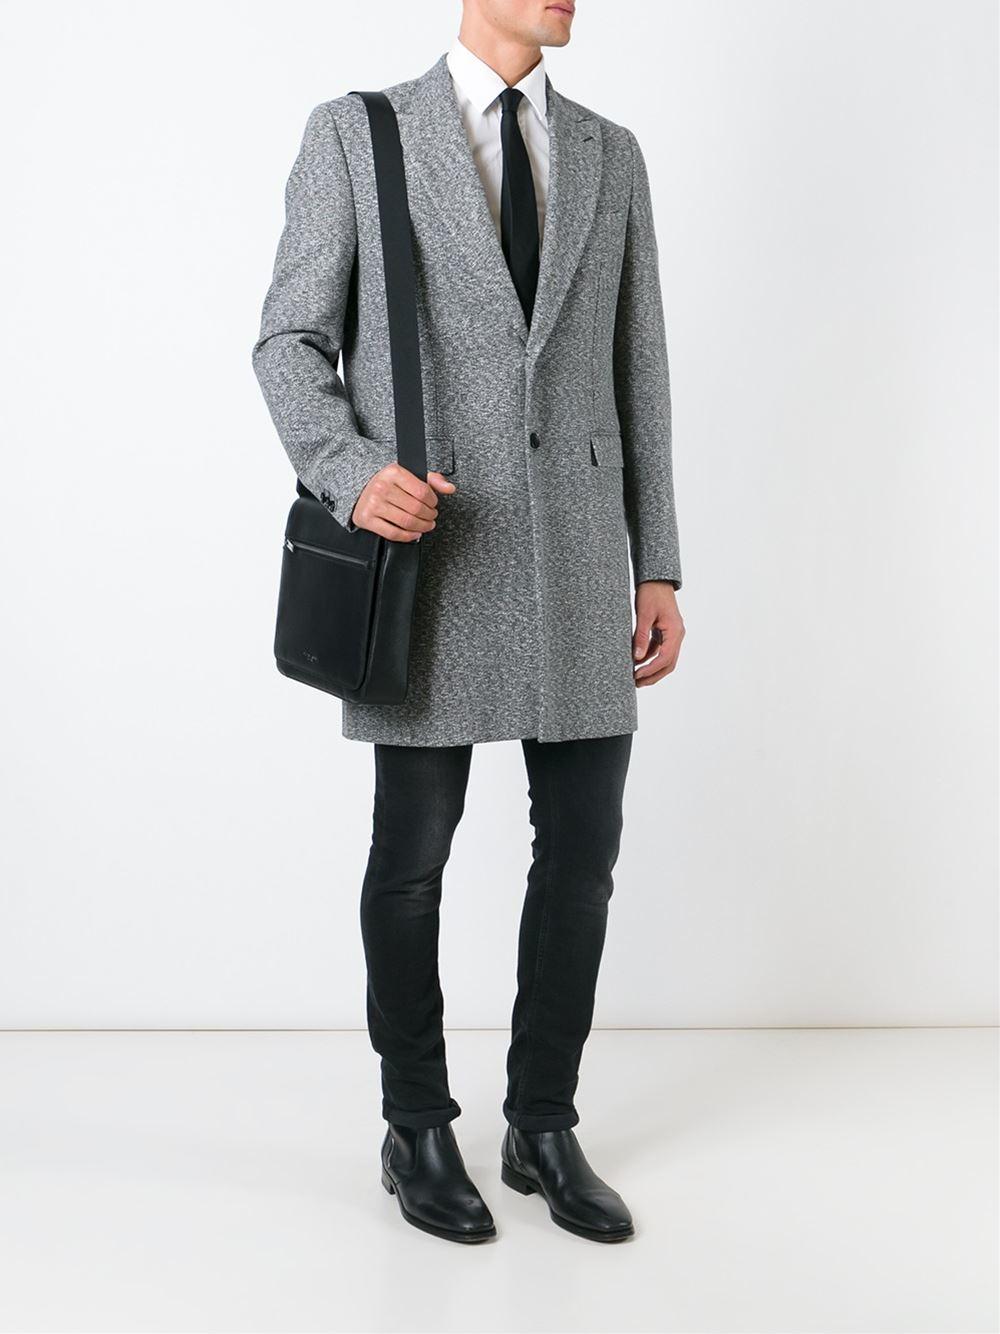 5ed6a4650a089 Michael Kors Medium  harrison  Messenger Bag in Black for Men - Lyst